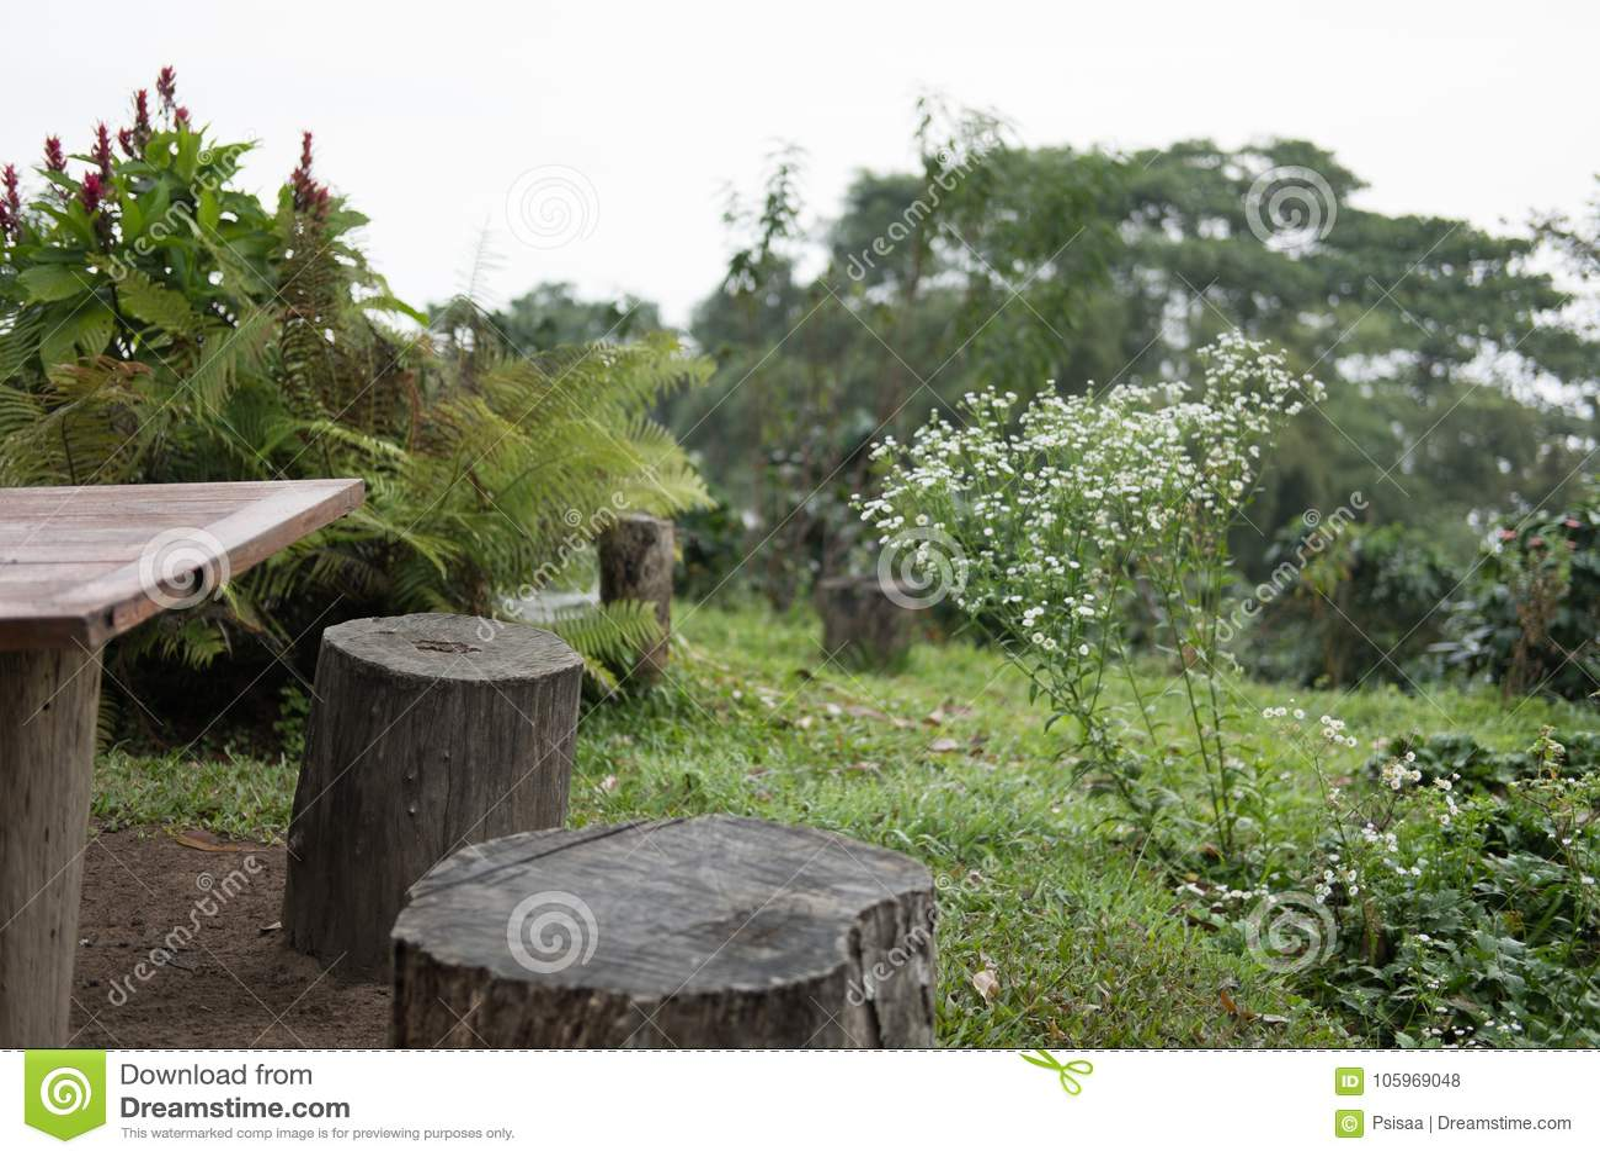 Meubles De Jardin Faits à Partir Du Rondin En Bois Photo stock ...